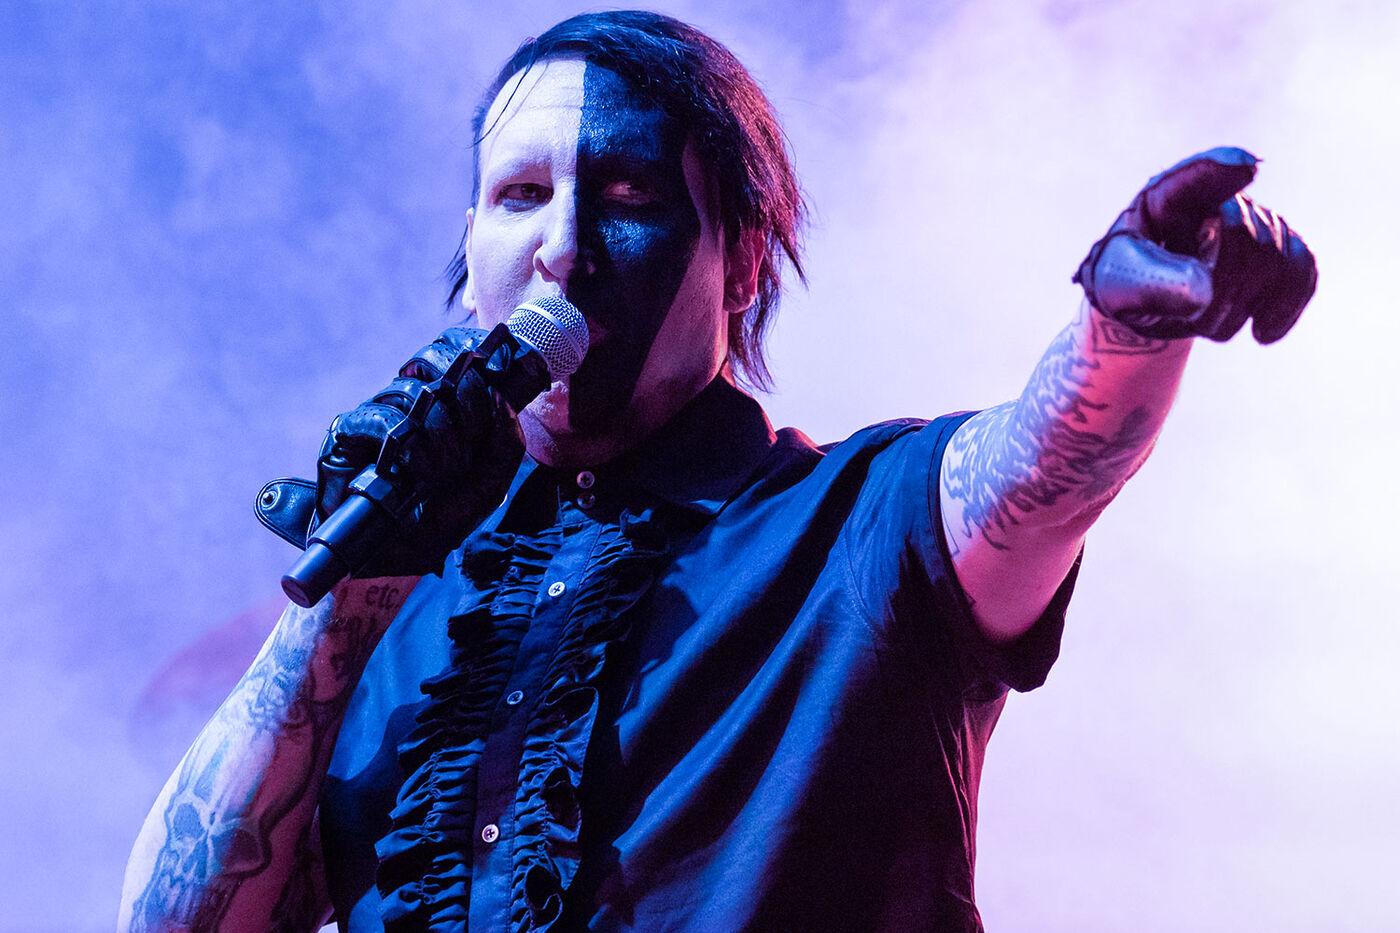 Marilyn Manson Sechs Verruckte Storys Vom Antichrist Superstar Rock Antenne